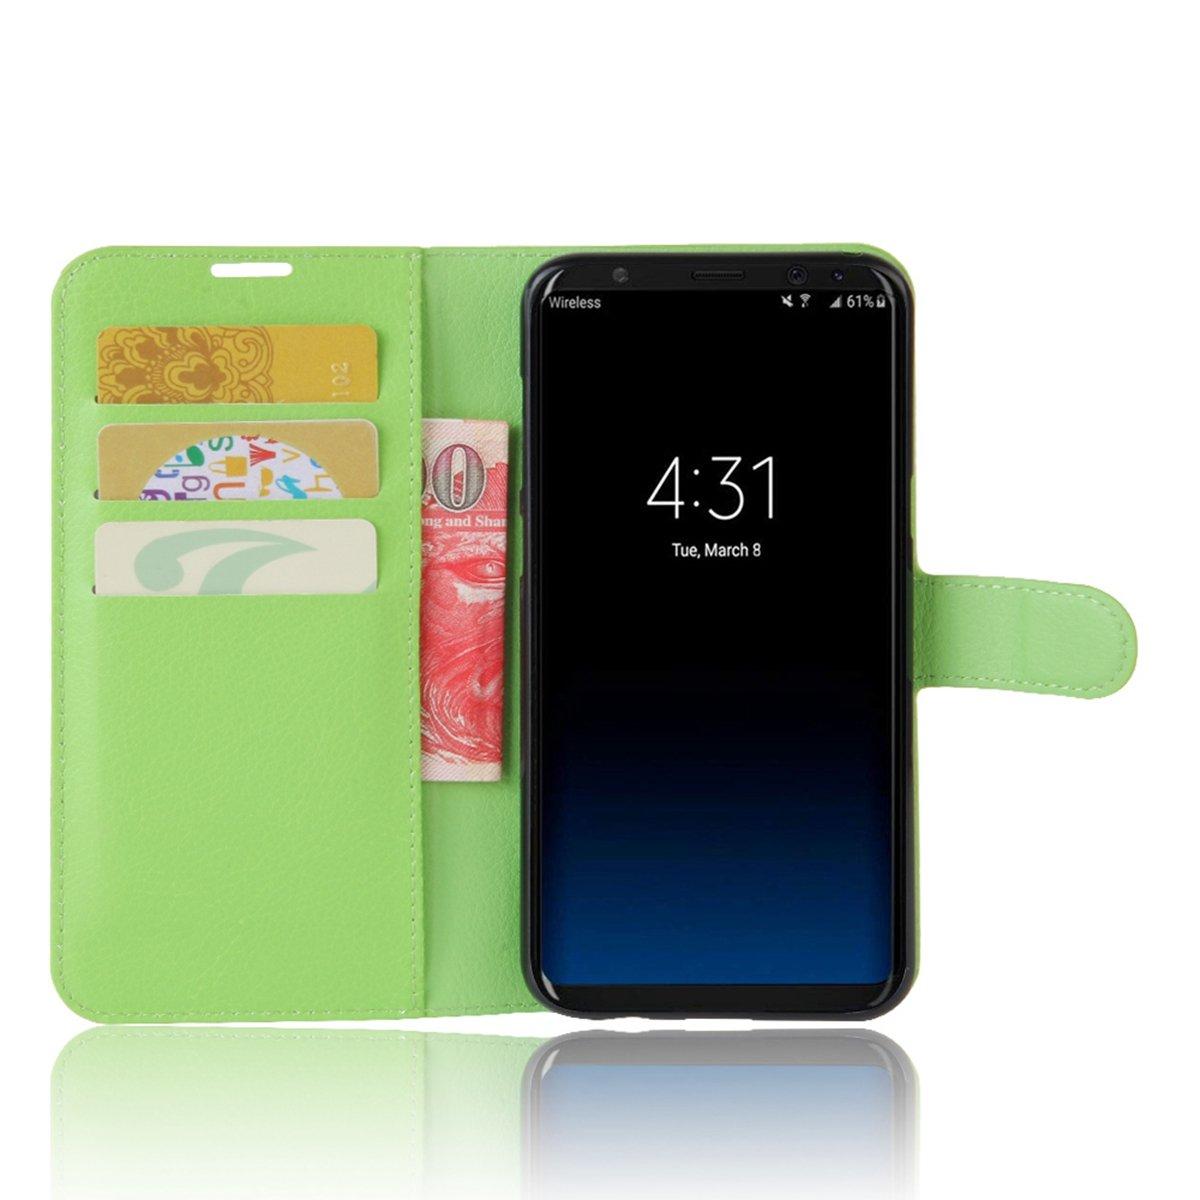 scheam livre Flip Coque /Étui portefeuille Premium PU Housse en cuir B/équille Feature Support pour slot pour cartes Etui Samsung Galaxy S8 /Étui de protection pour samsung galaxy S8/White noir noir